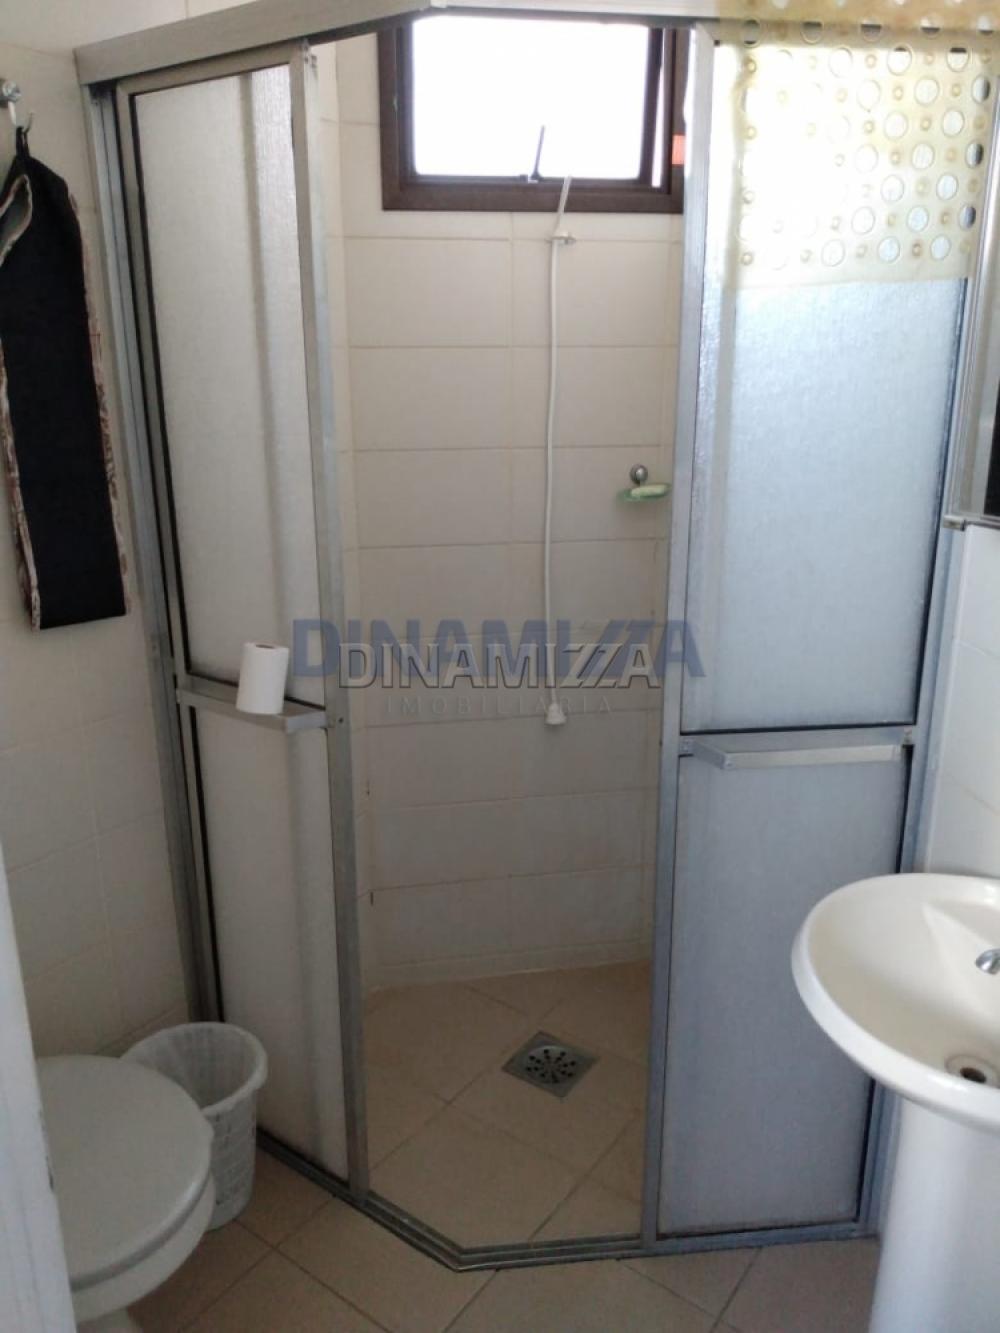 Alugar Apartamento / Padrão em Uberaba apenas R$ 2.200,00 - Foto 26